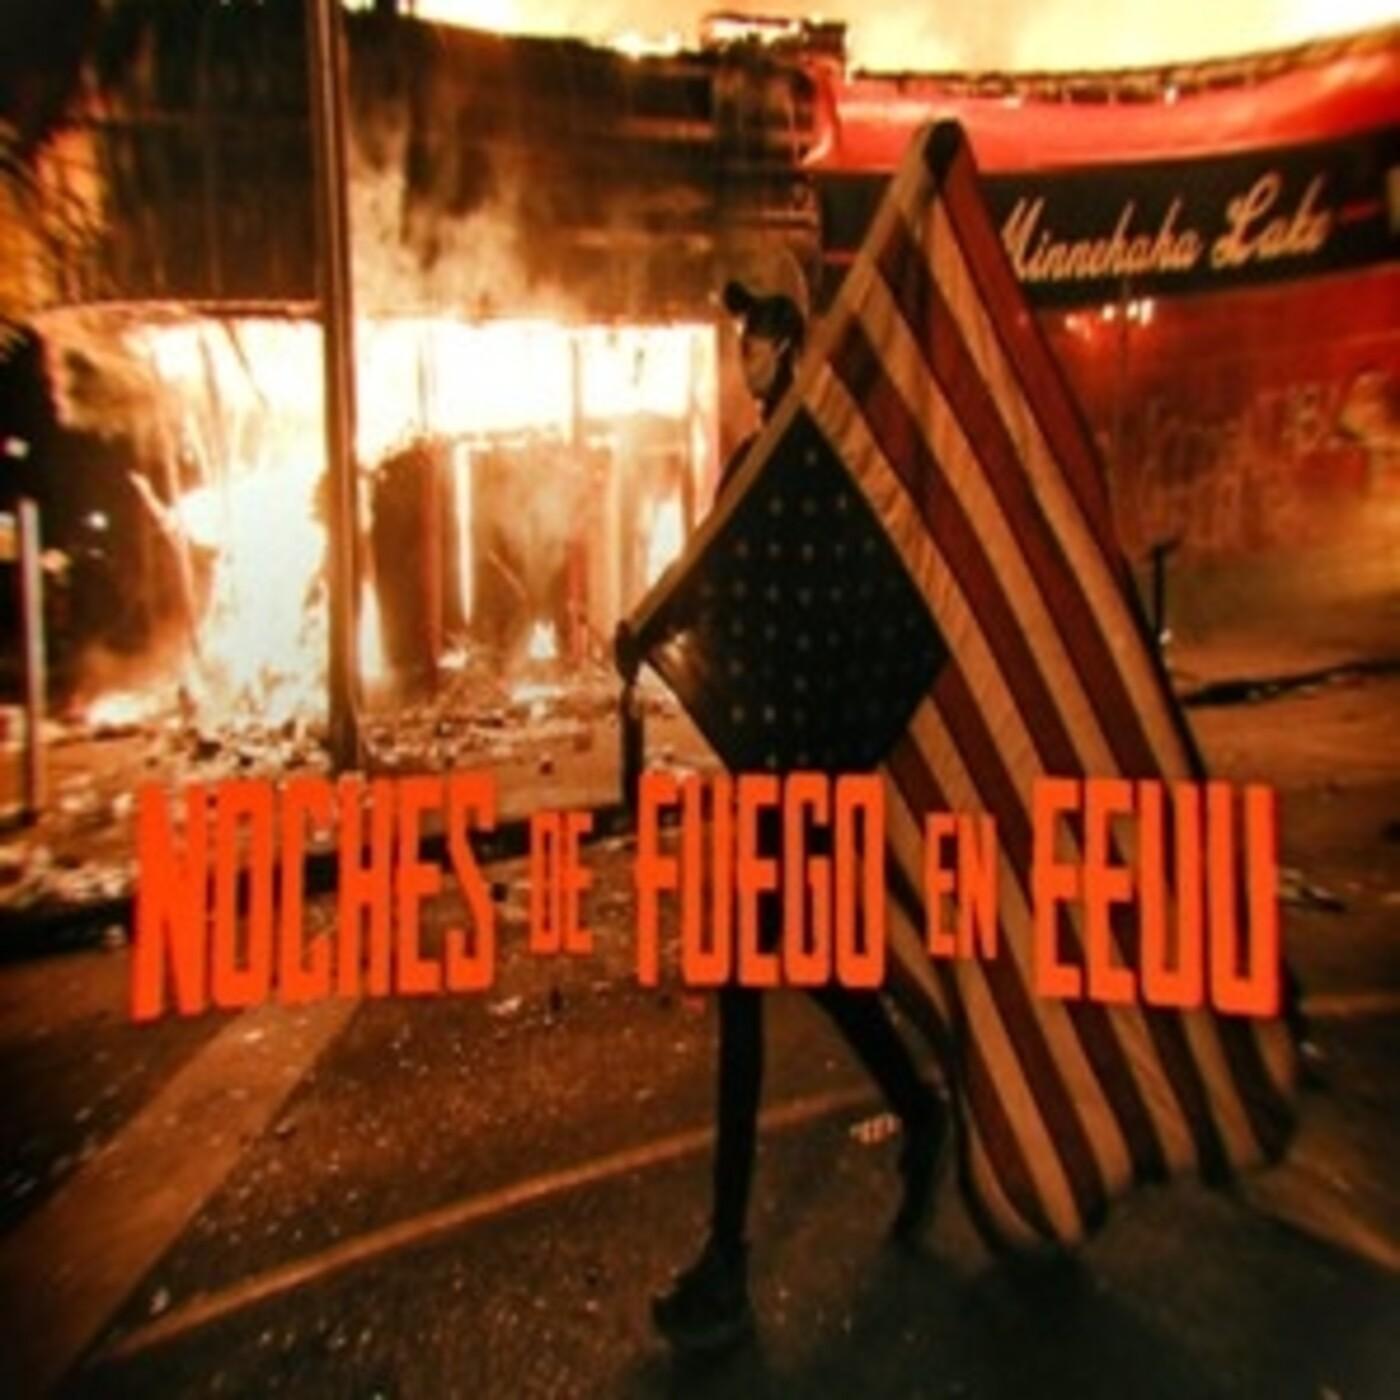 Cuarto milenio (11/10/2020) 15x32: Noches de fuego en EE.UU.